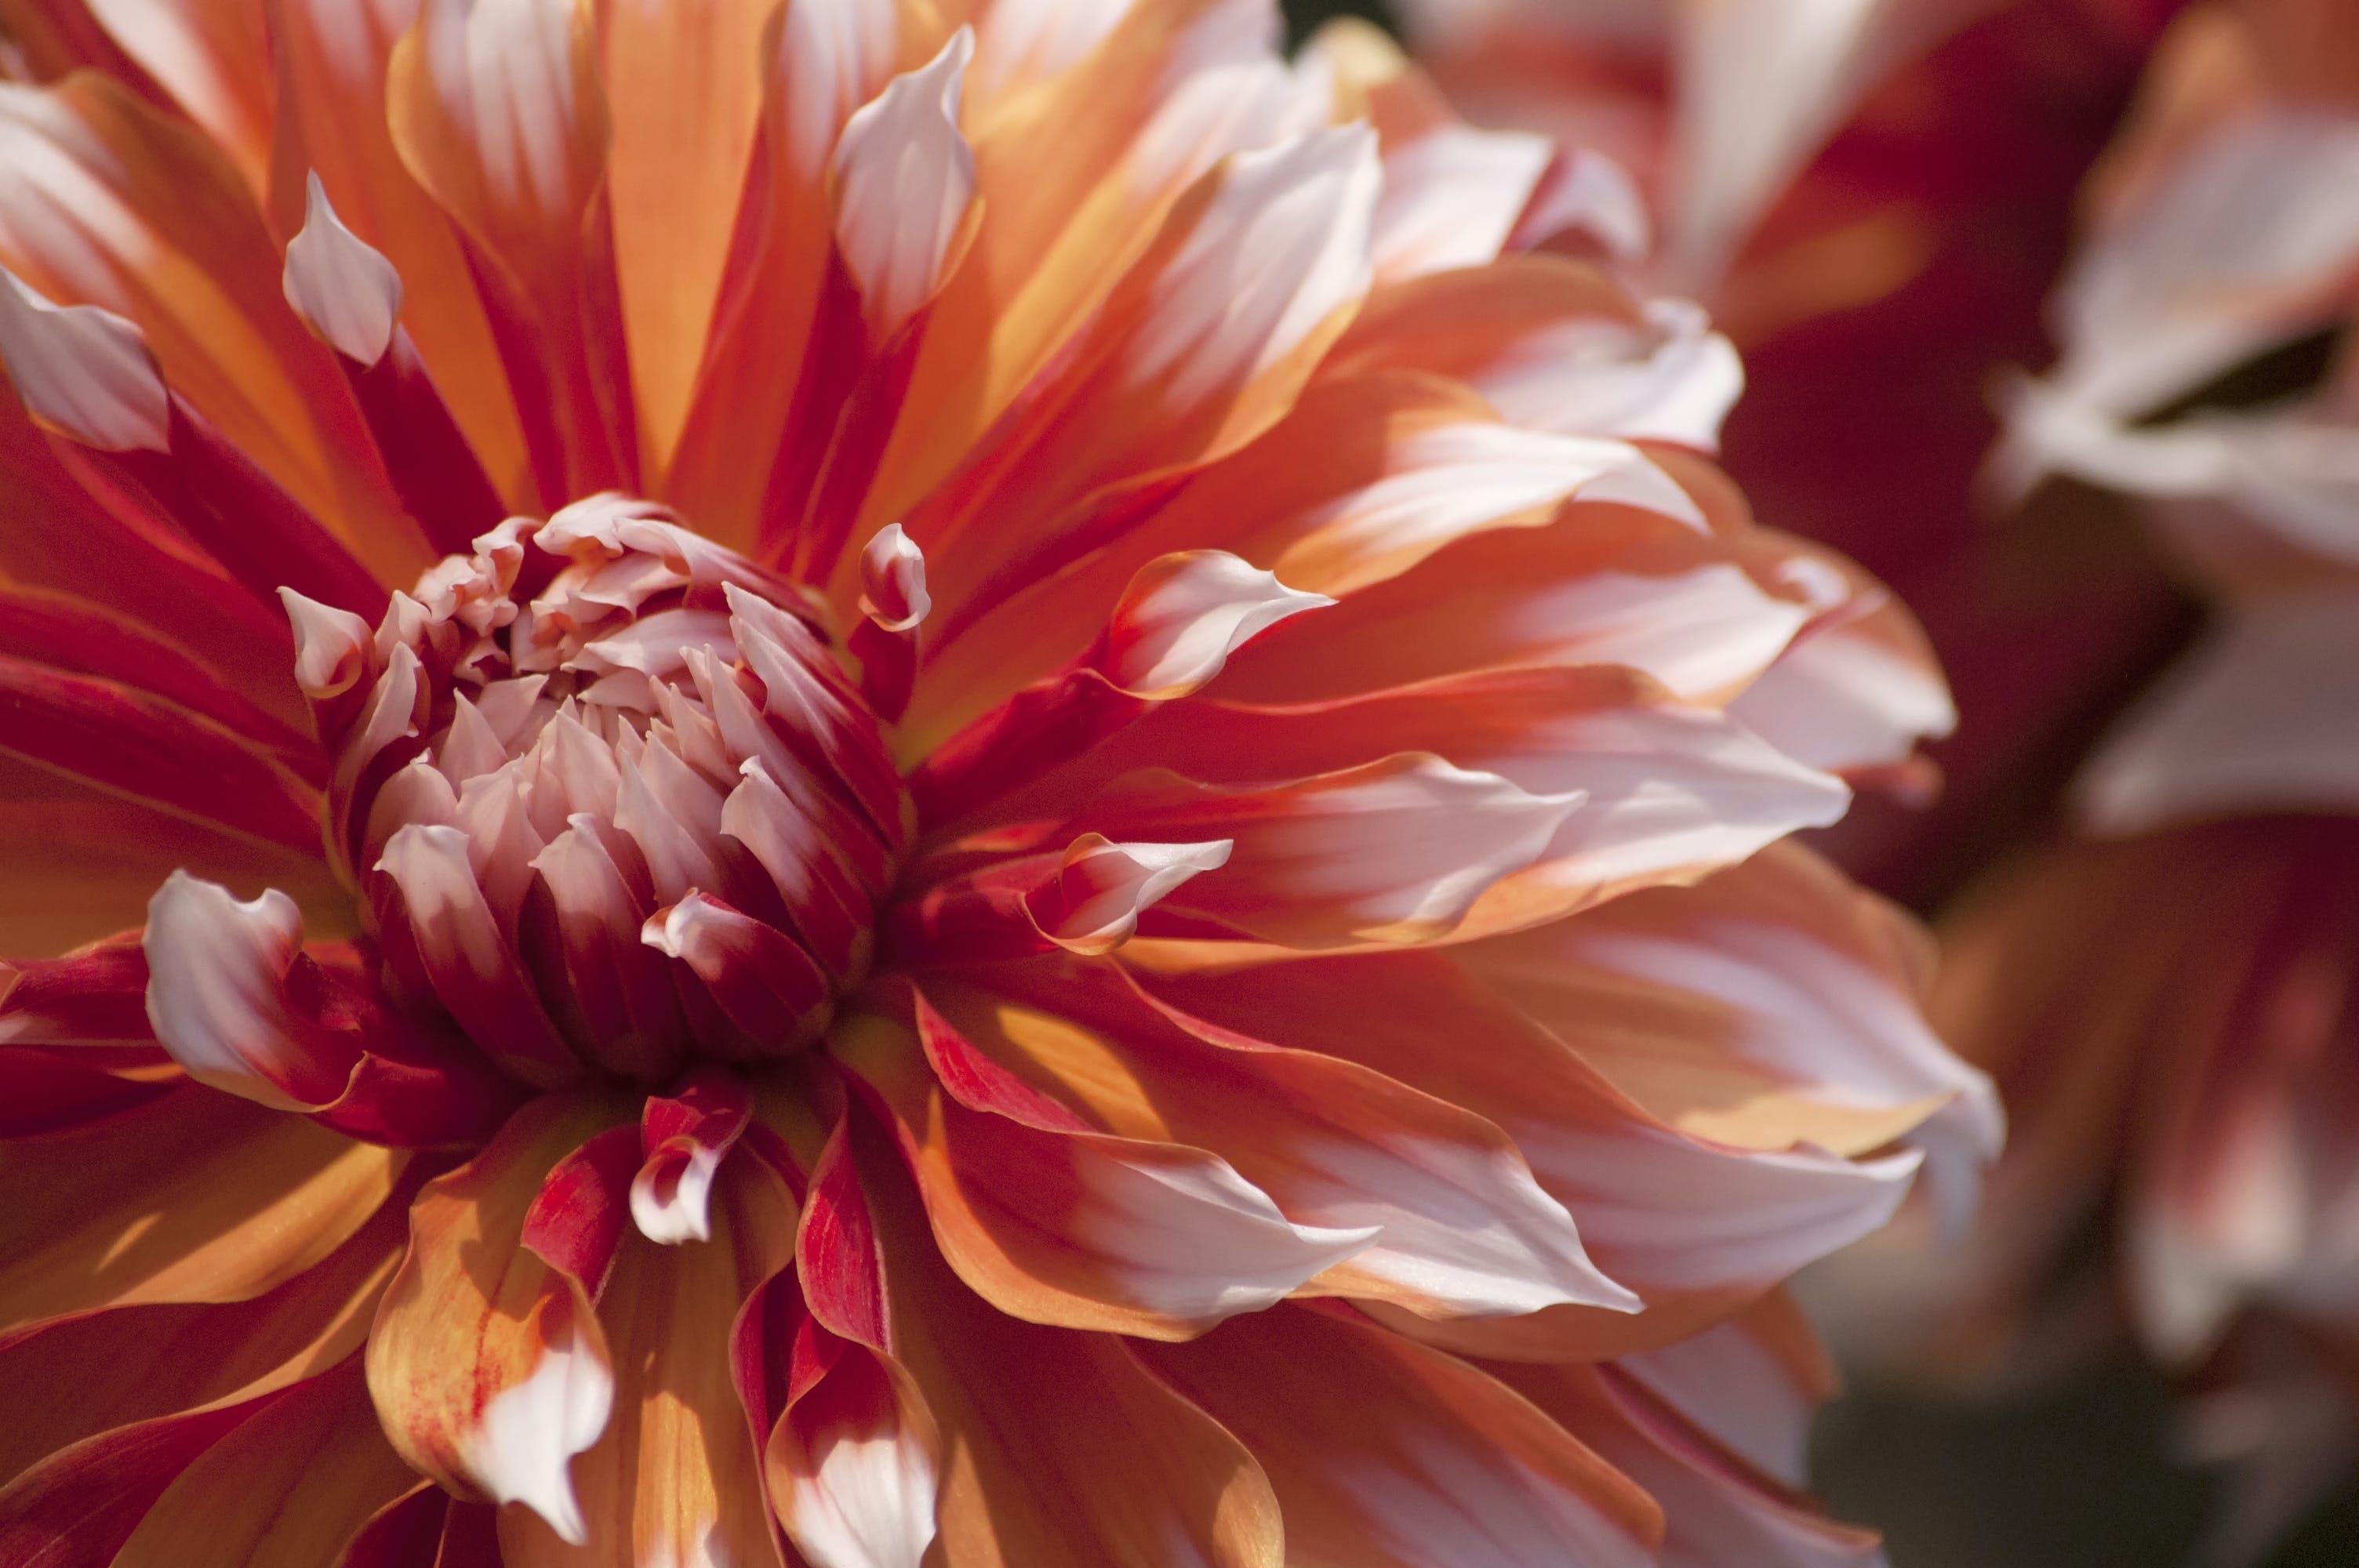 Δωρεάν στοκ φωτογραφιών με ανθίζω, ανθισμένος, άνθος, βοτανικός